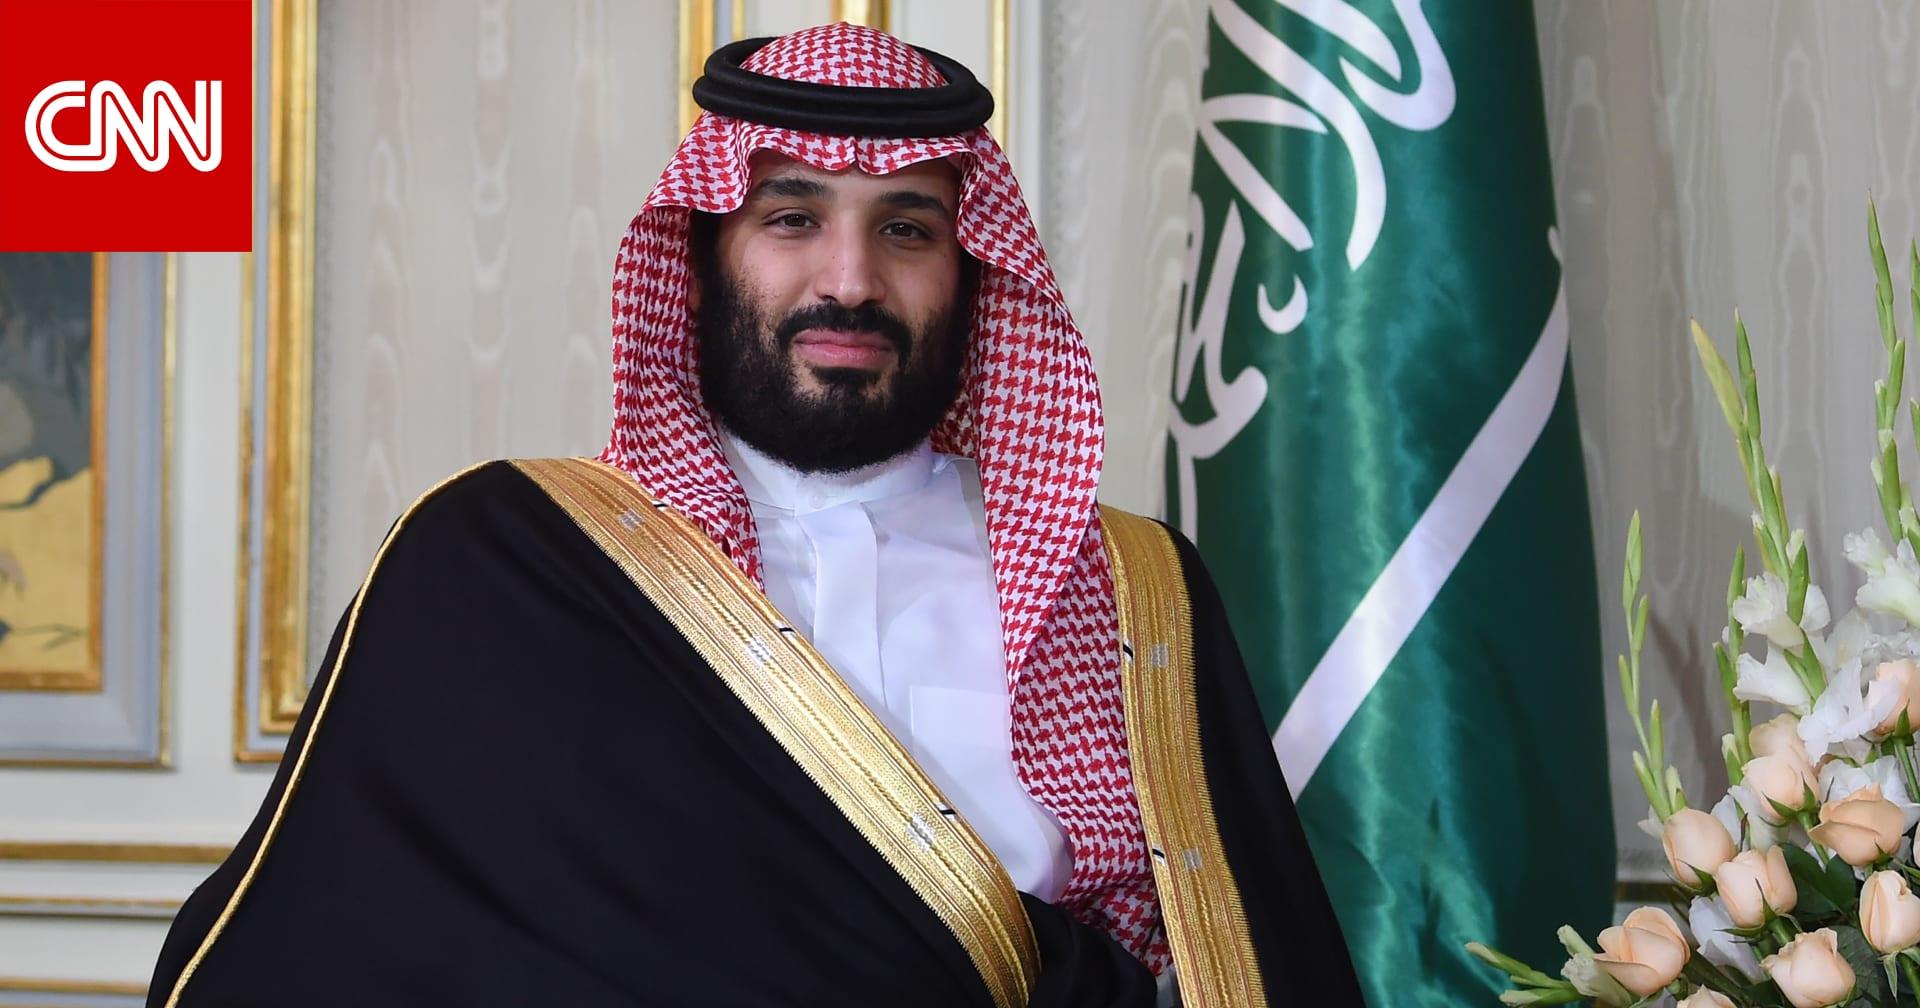 محمد بن سلمان يطلق شركة للتطوير في السعودية باستثمارات قيمتها 2.9 مليار دولار